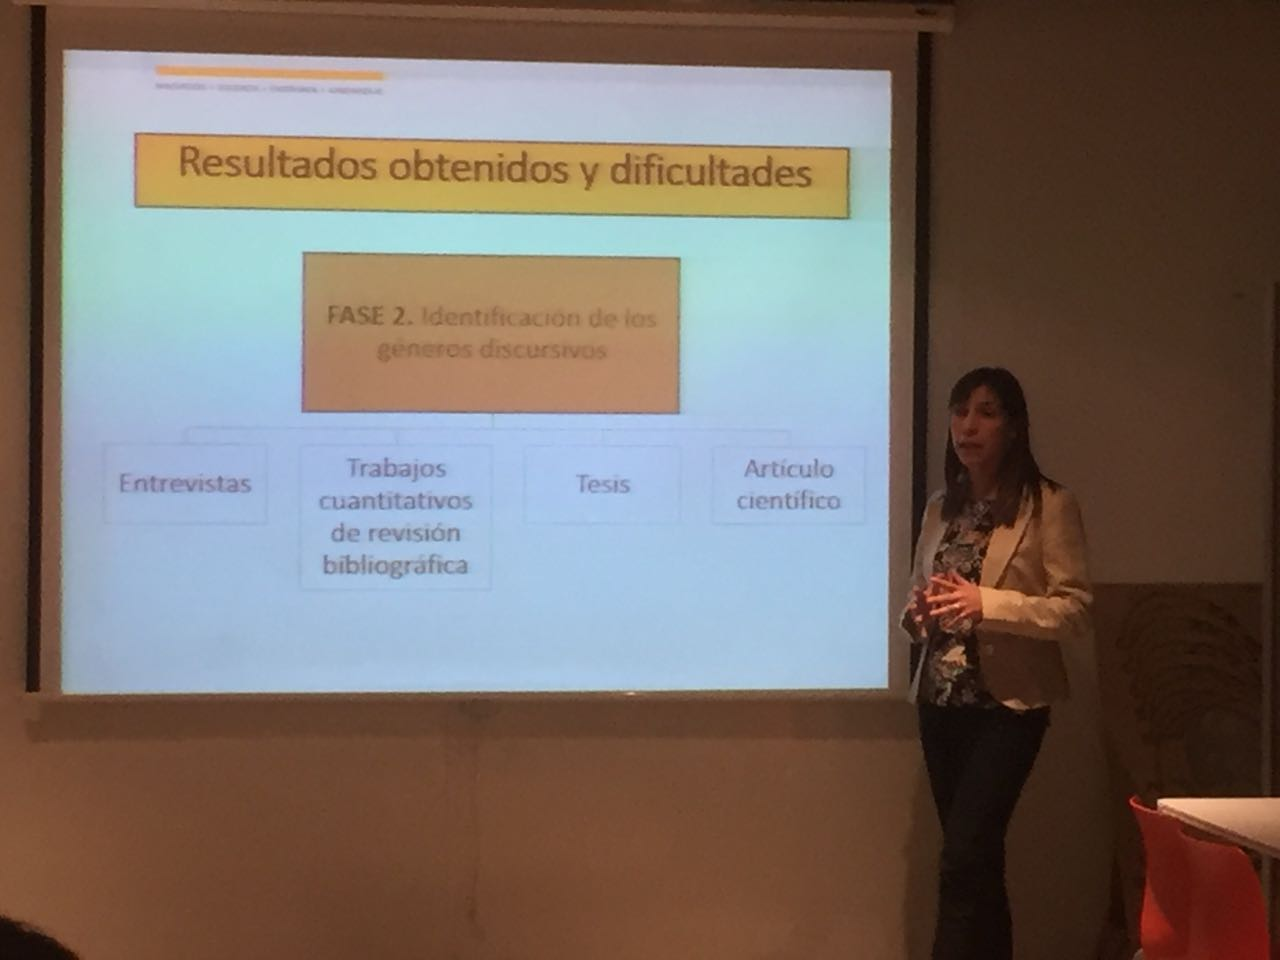 Dorable Reanudar Objetivo Para Escuela De Enfermería Imagen ...